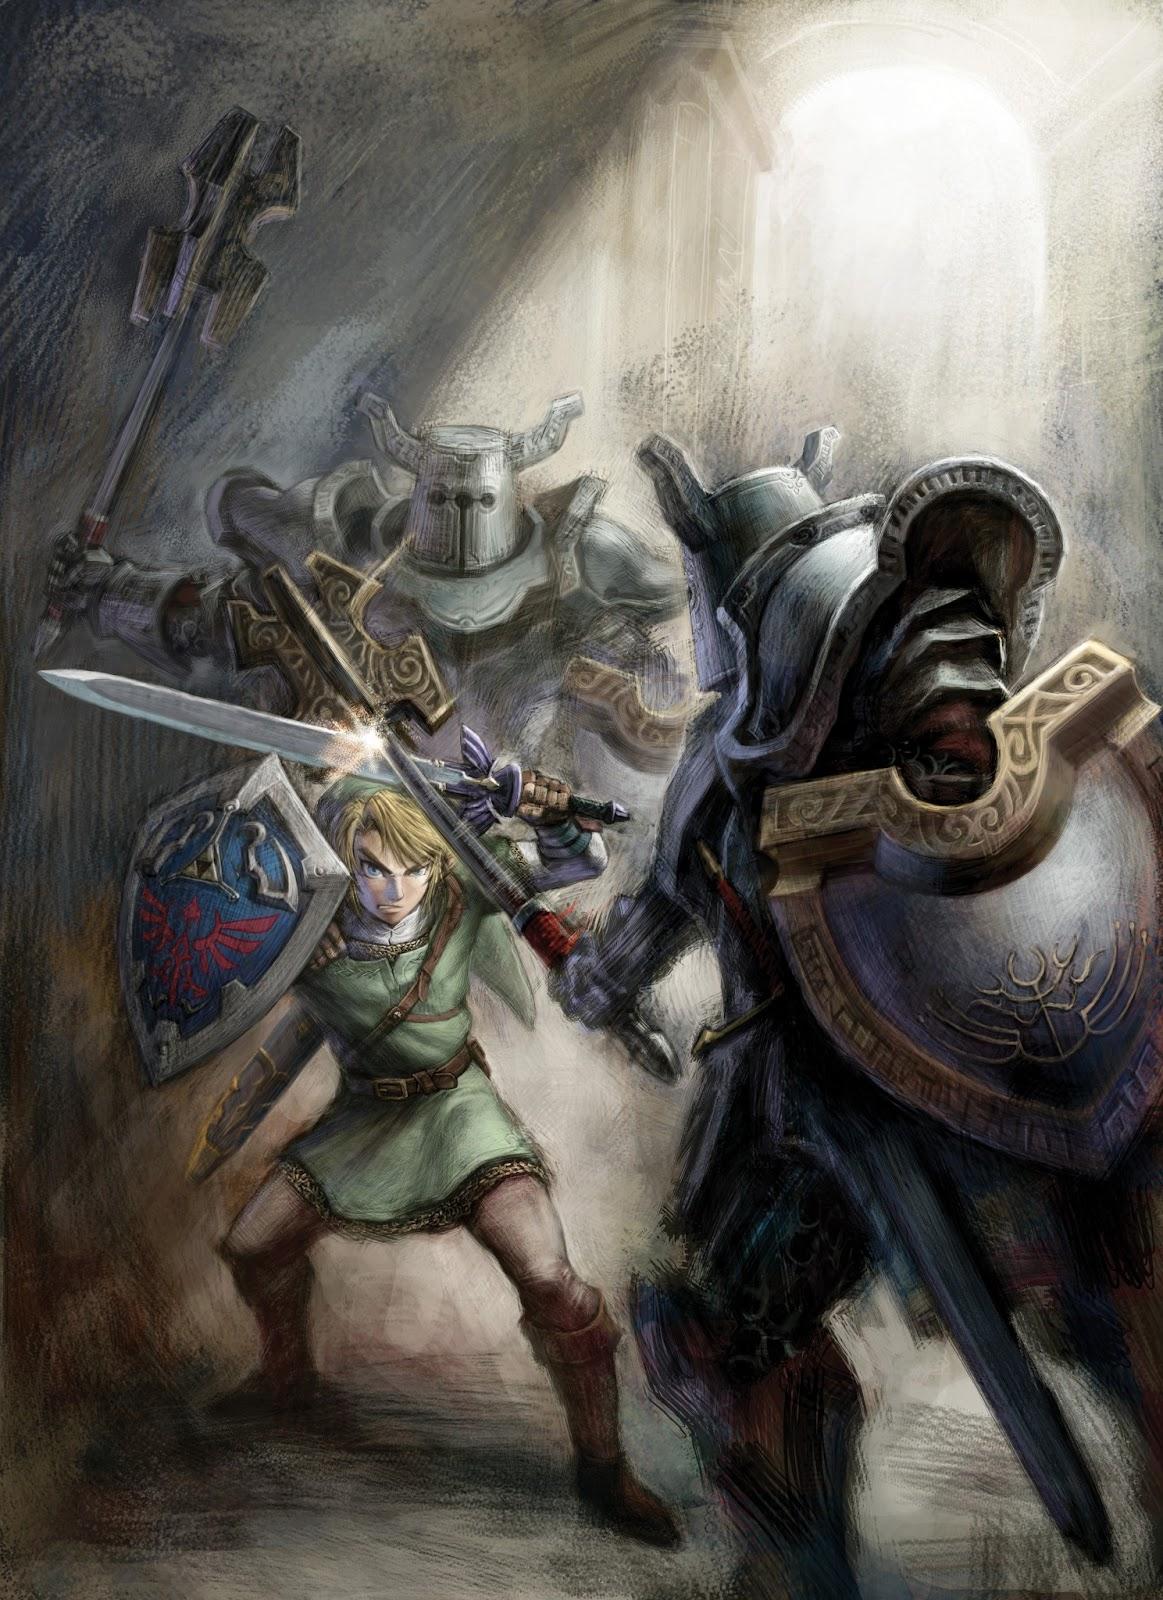 Game Wallpapers Legend Of Zelda Mobile Wallpaper